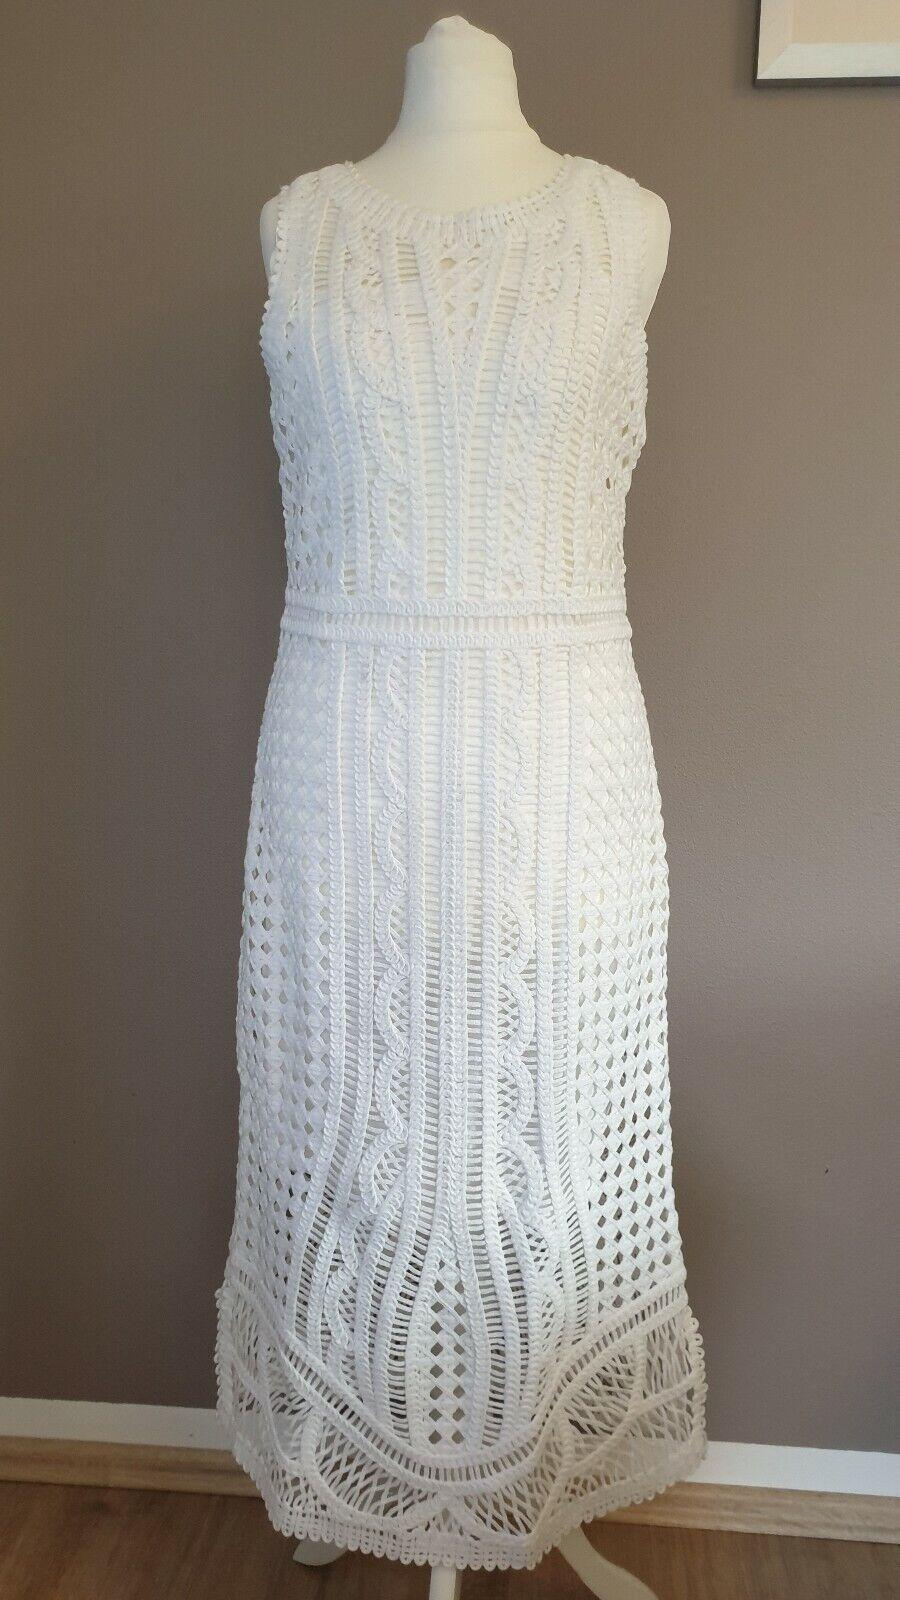 Massimo Dutti dress Kleid Weiß Größe S Größe S